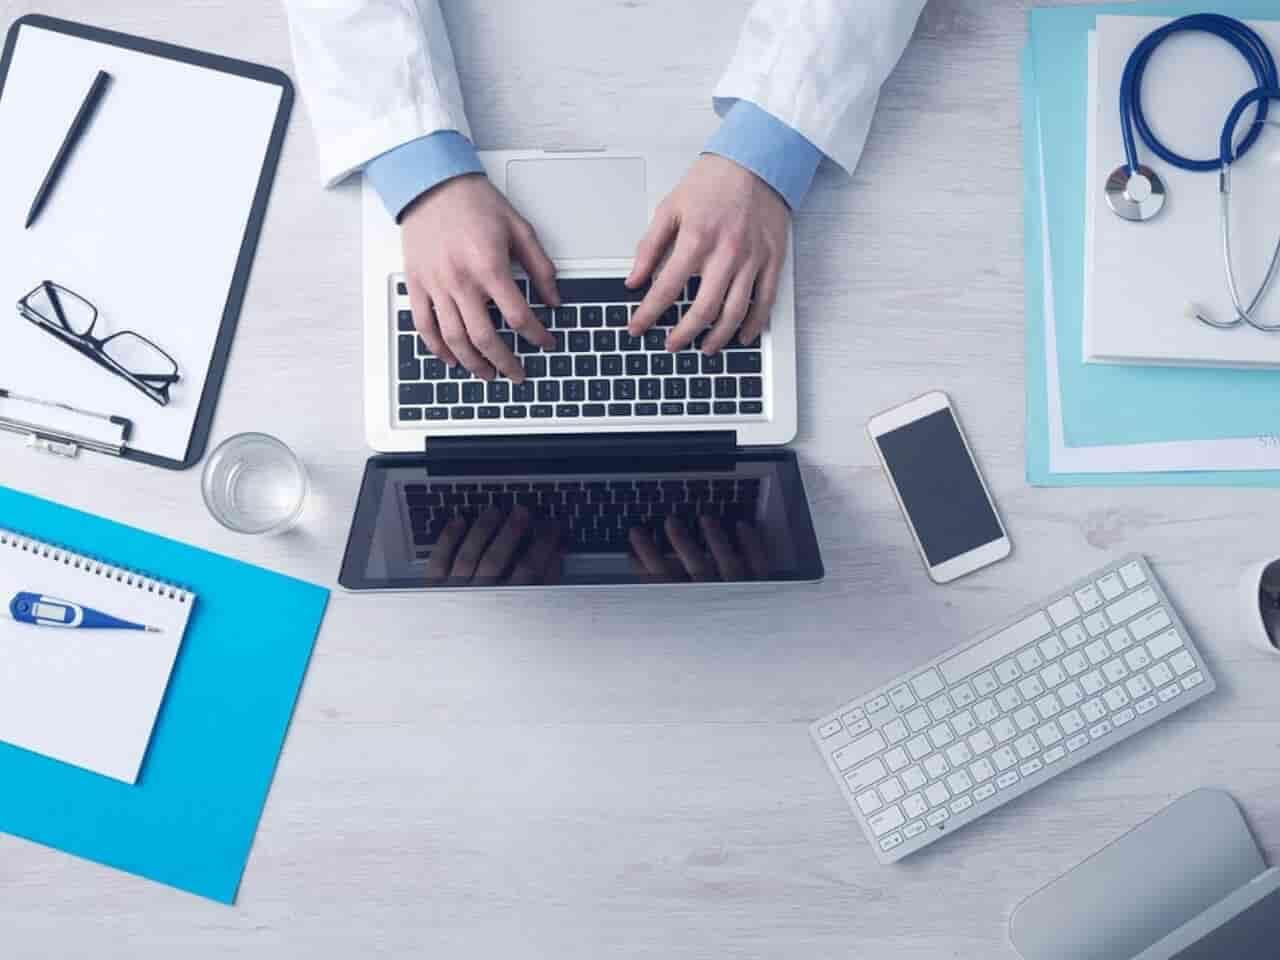 診察室で医師がパソコン入力